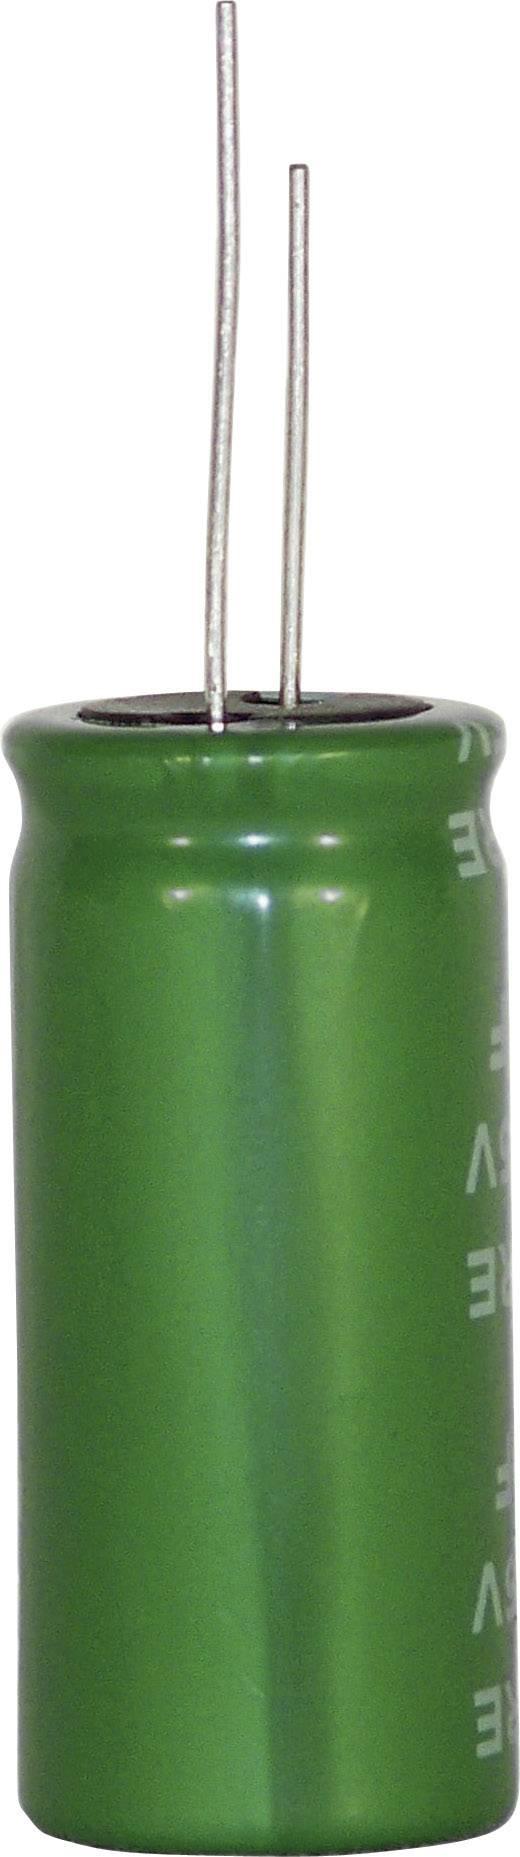 Kondenzátor elektrolytický 2-vrstvový DRE106S0EG30RRDAP, 10 F, 2,5 V, 20 %, 30 x 10 mm